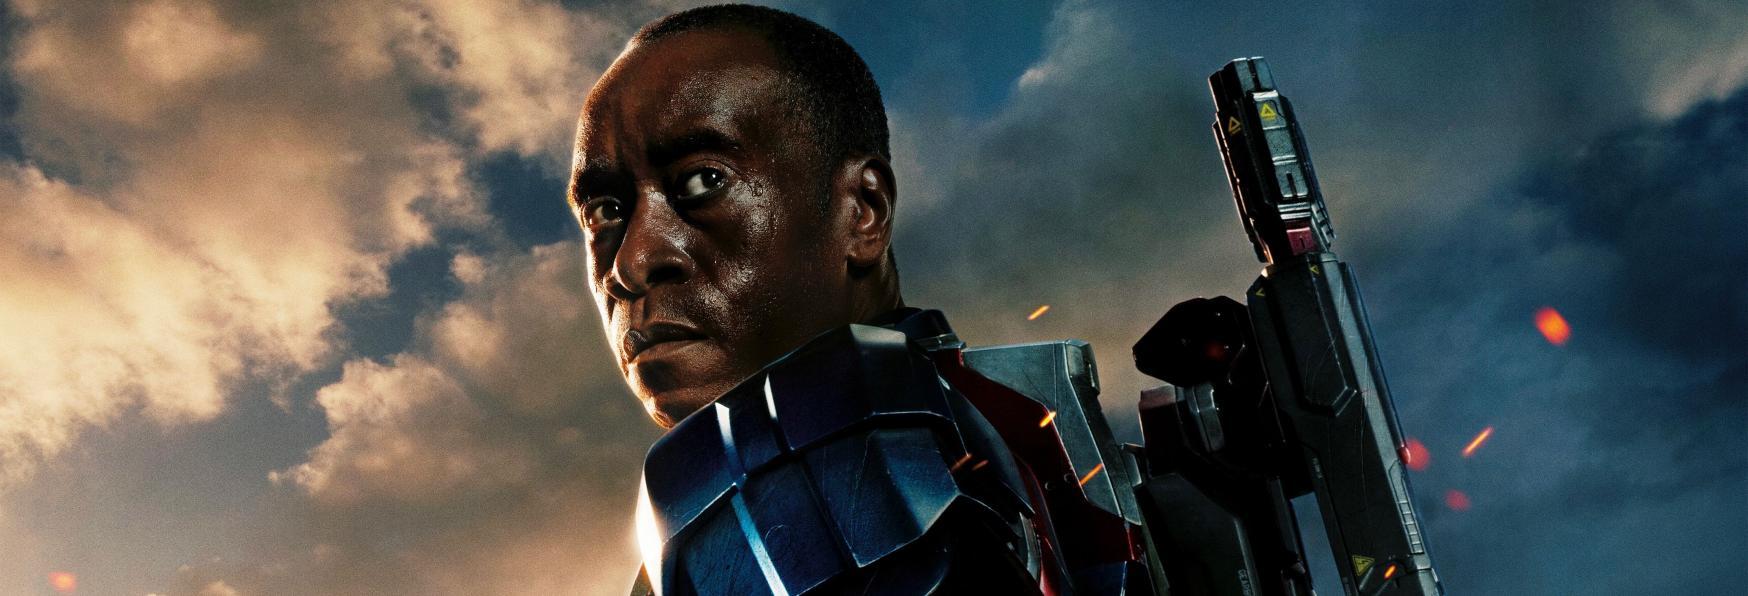 Armor Wars: Don Cheadle potrebbe essere il nuovo Iron Man nella Serie TV della Marvel